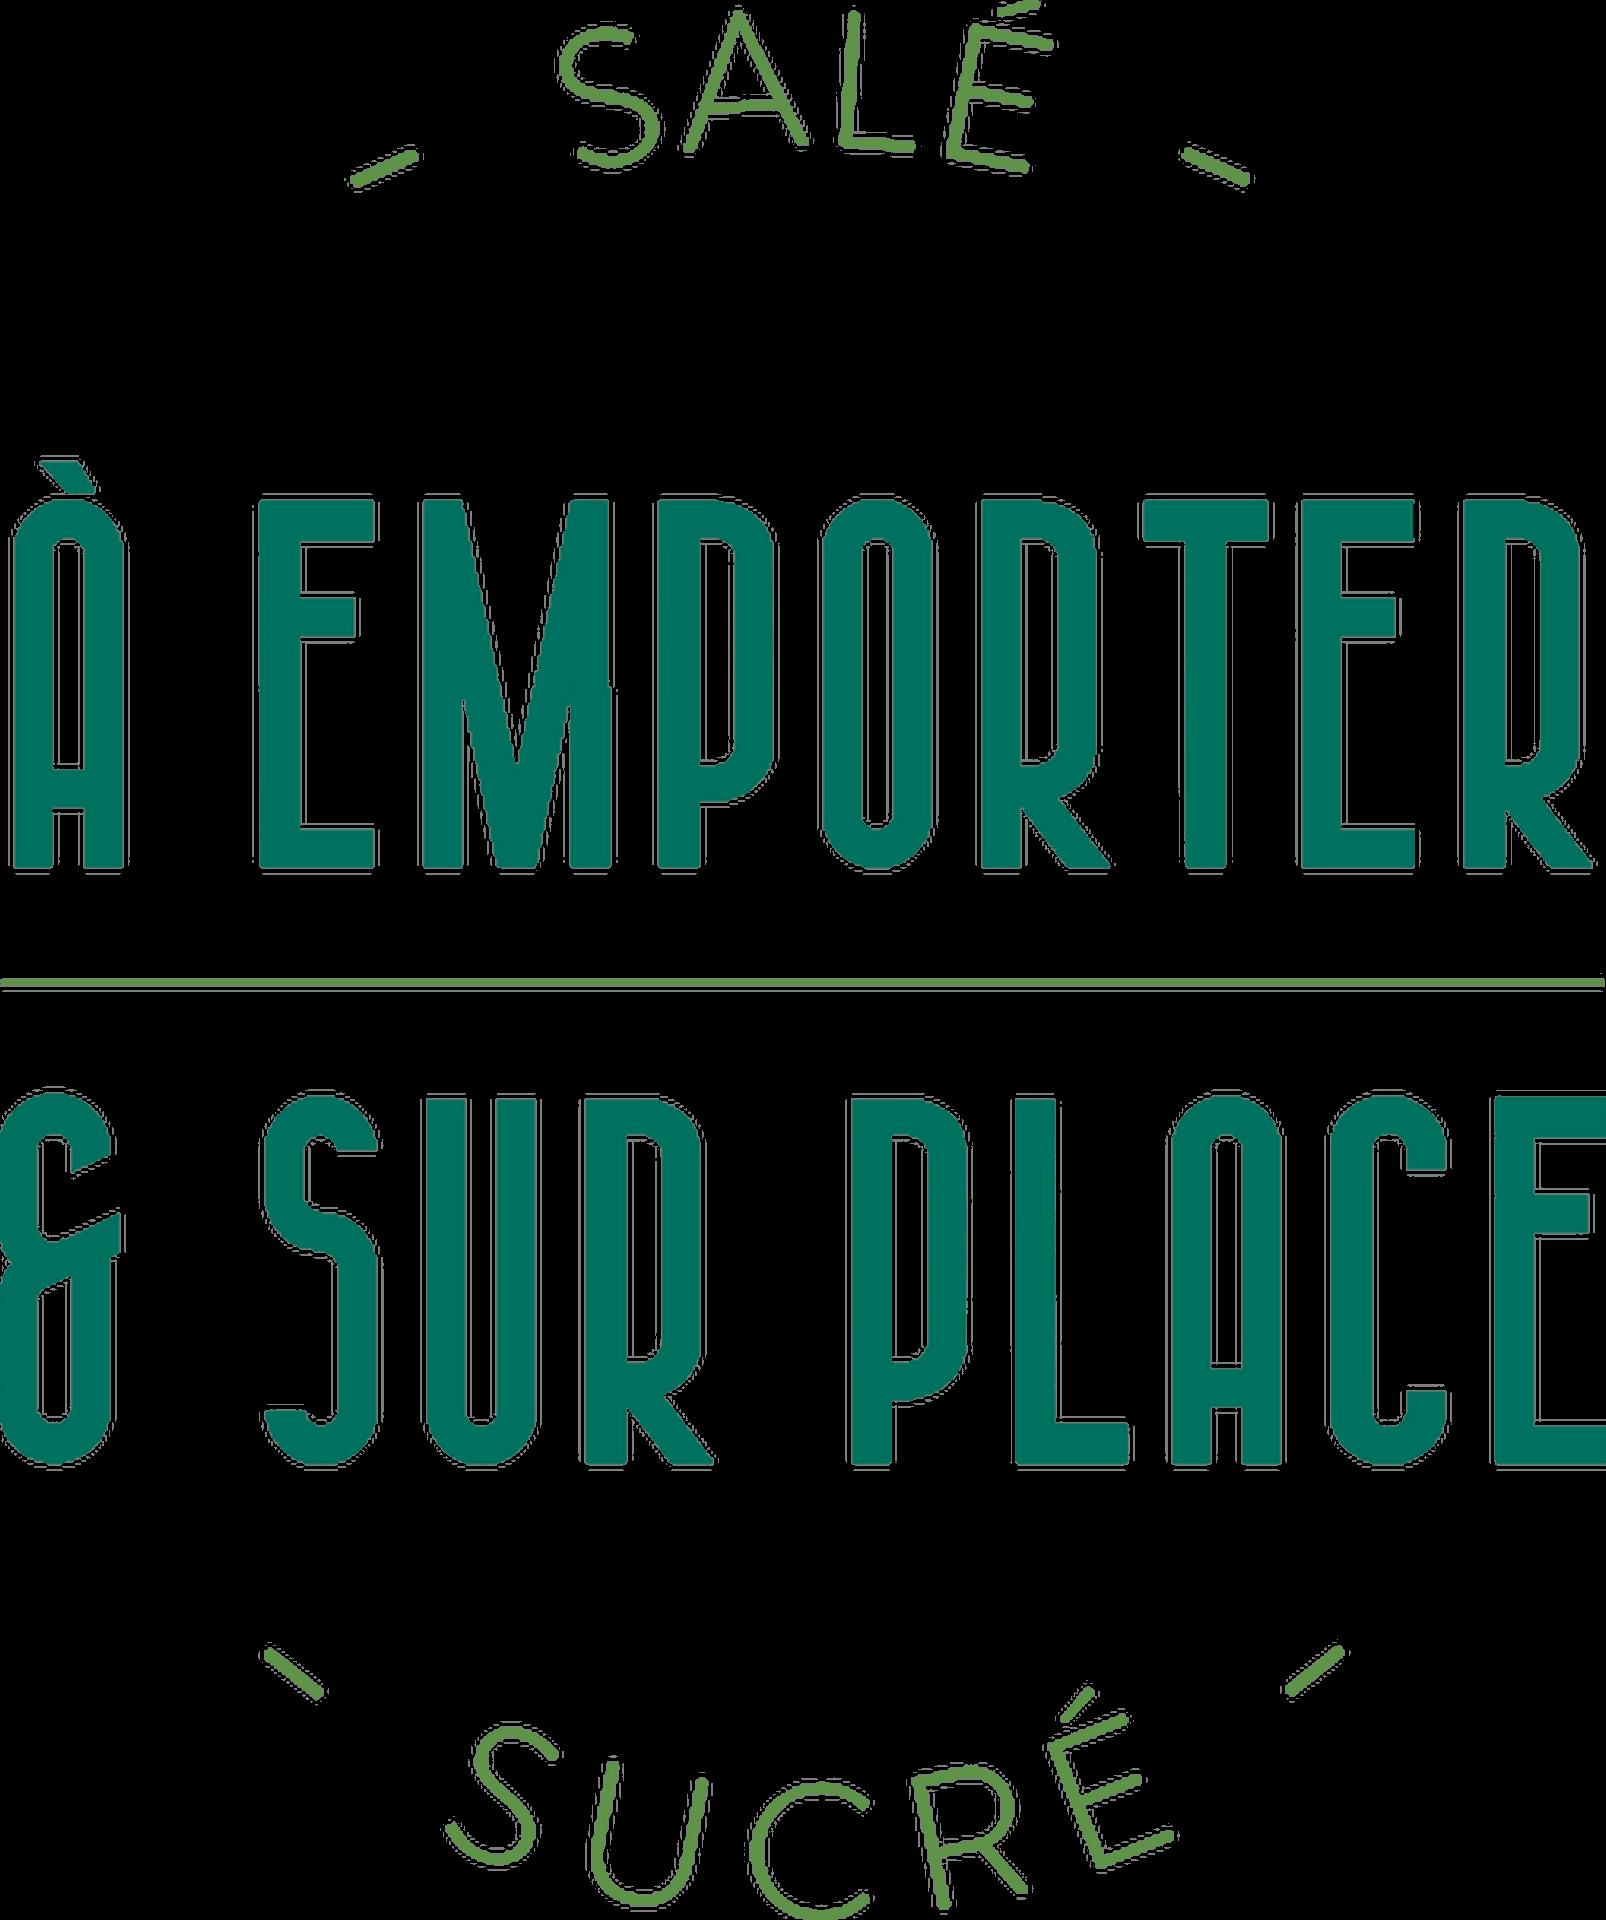 lettrage et composition typographique pour le service à emporter